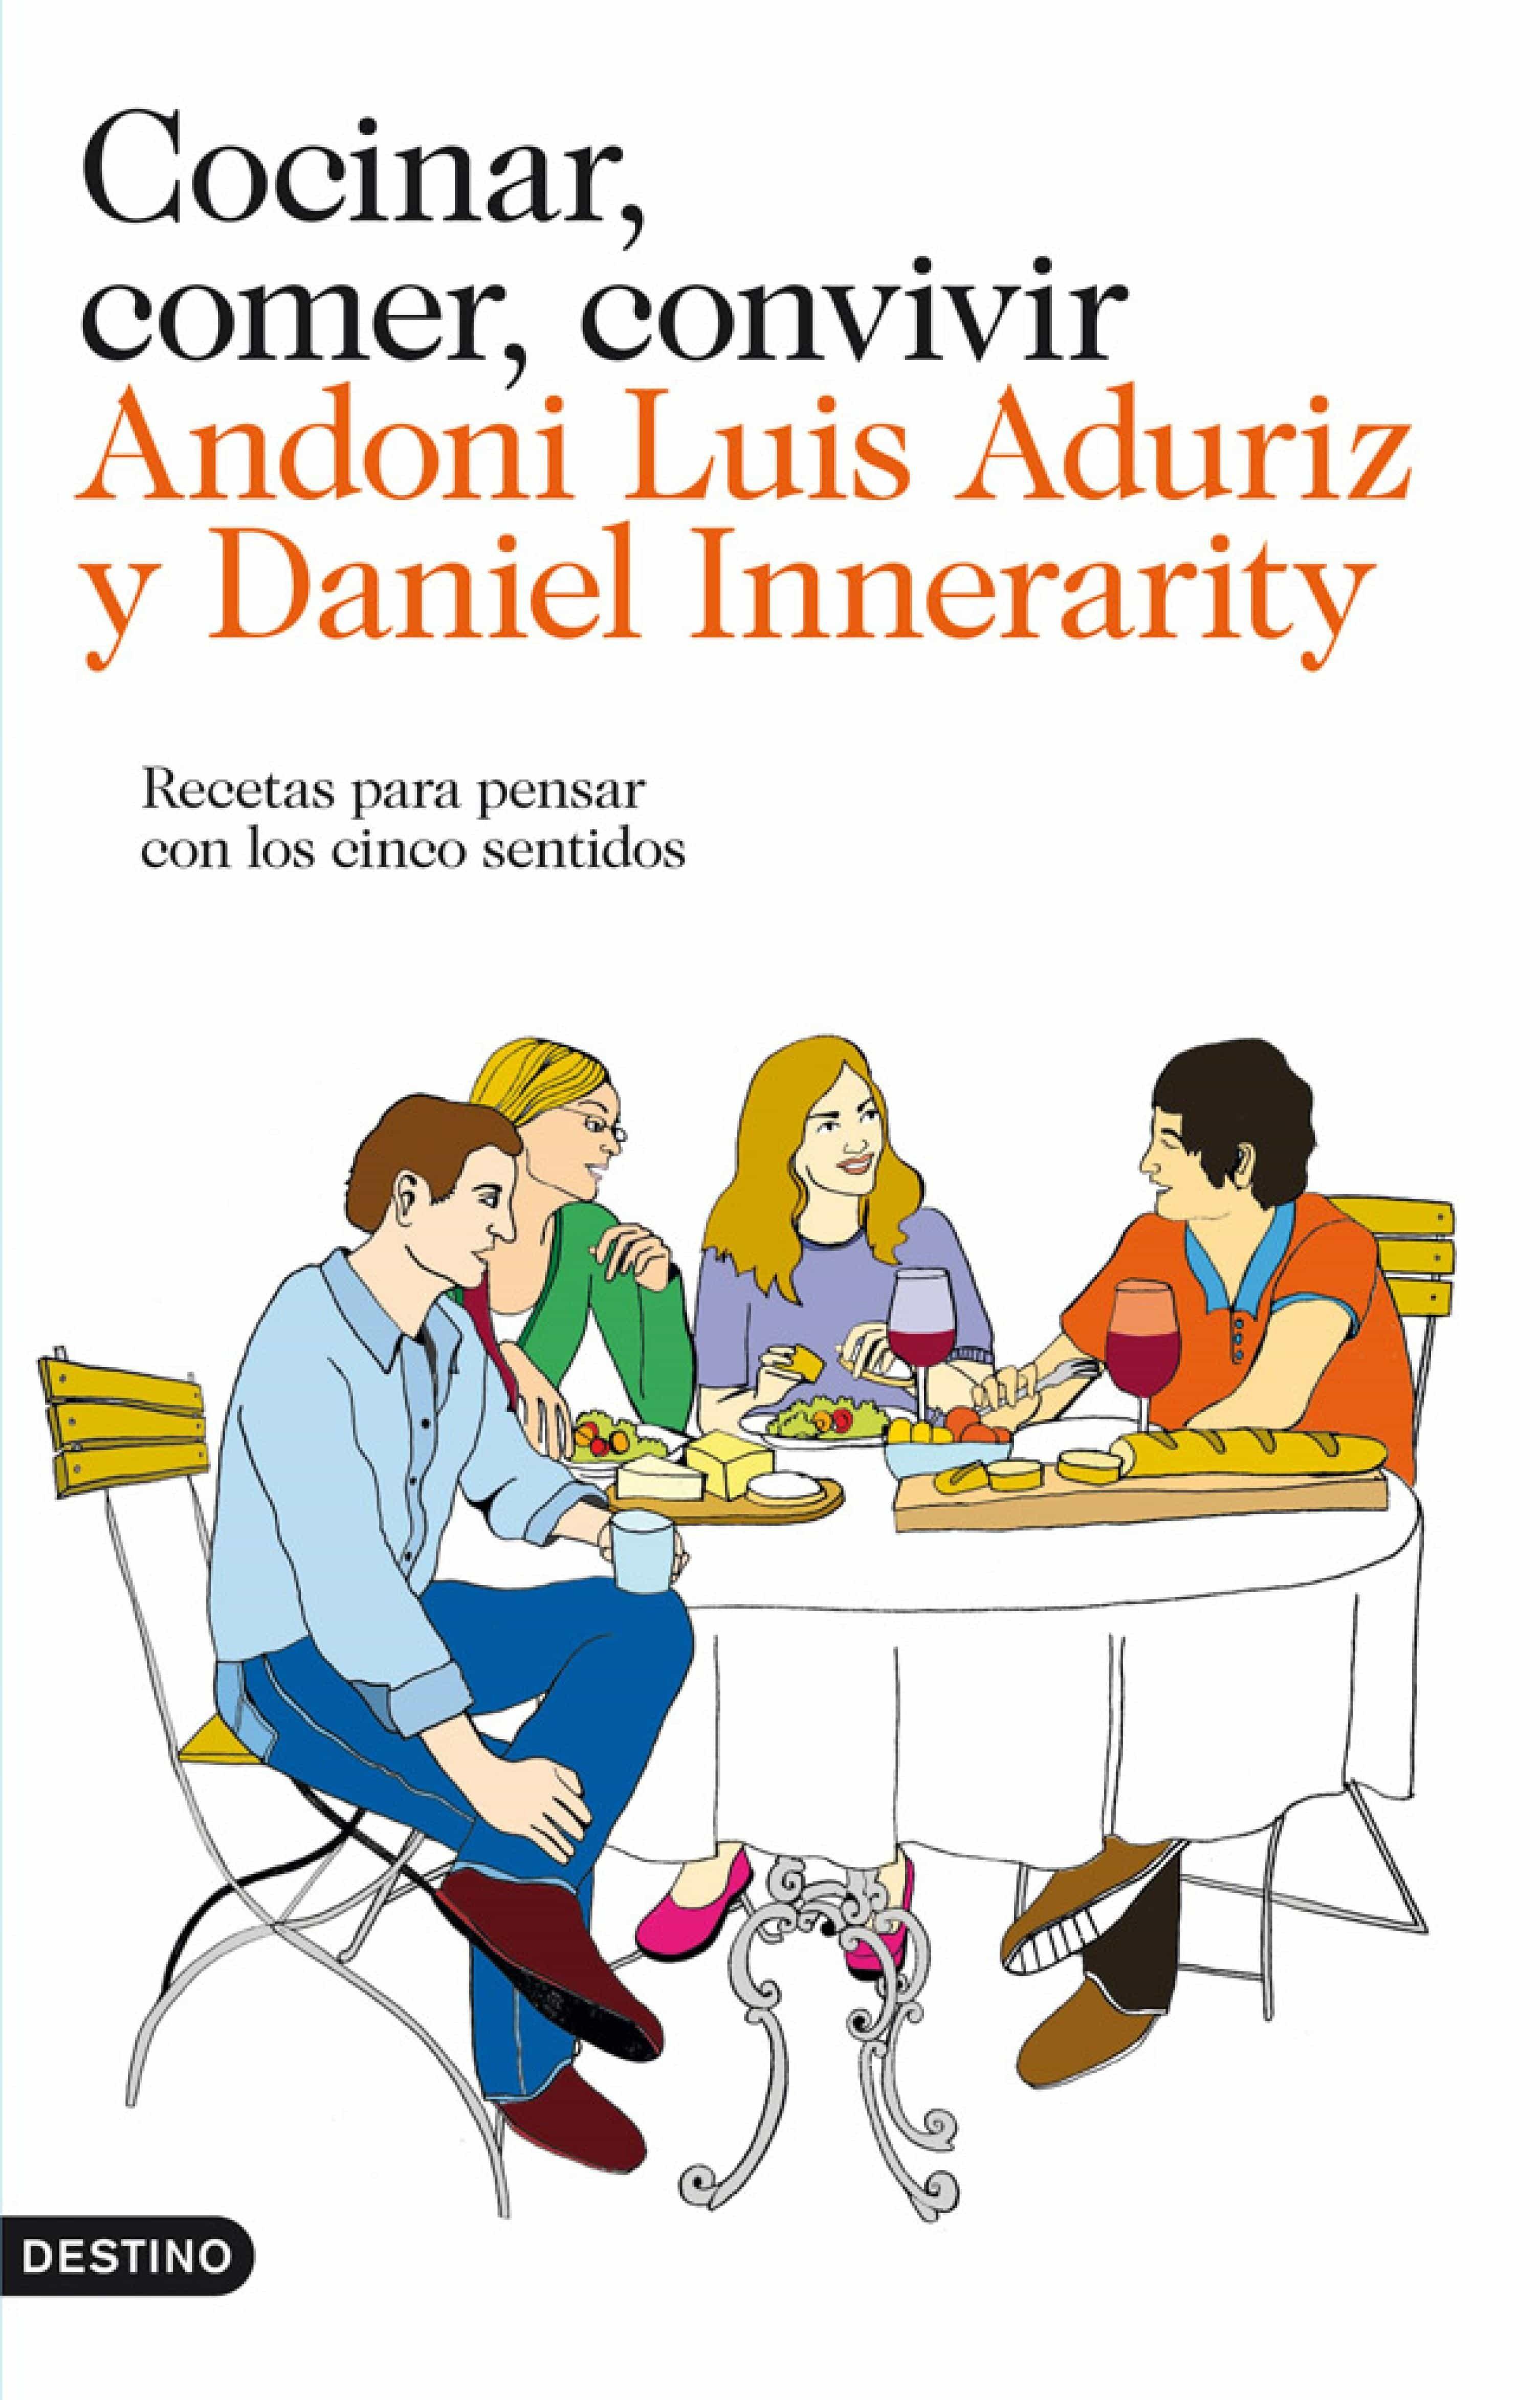 Cocinar, Comer, Convivir   por Daniel Innerarity, Andoni Luis Aduriz